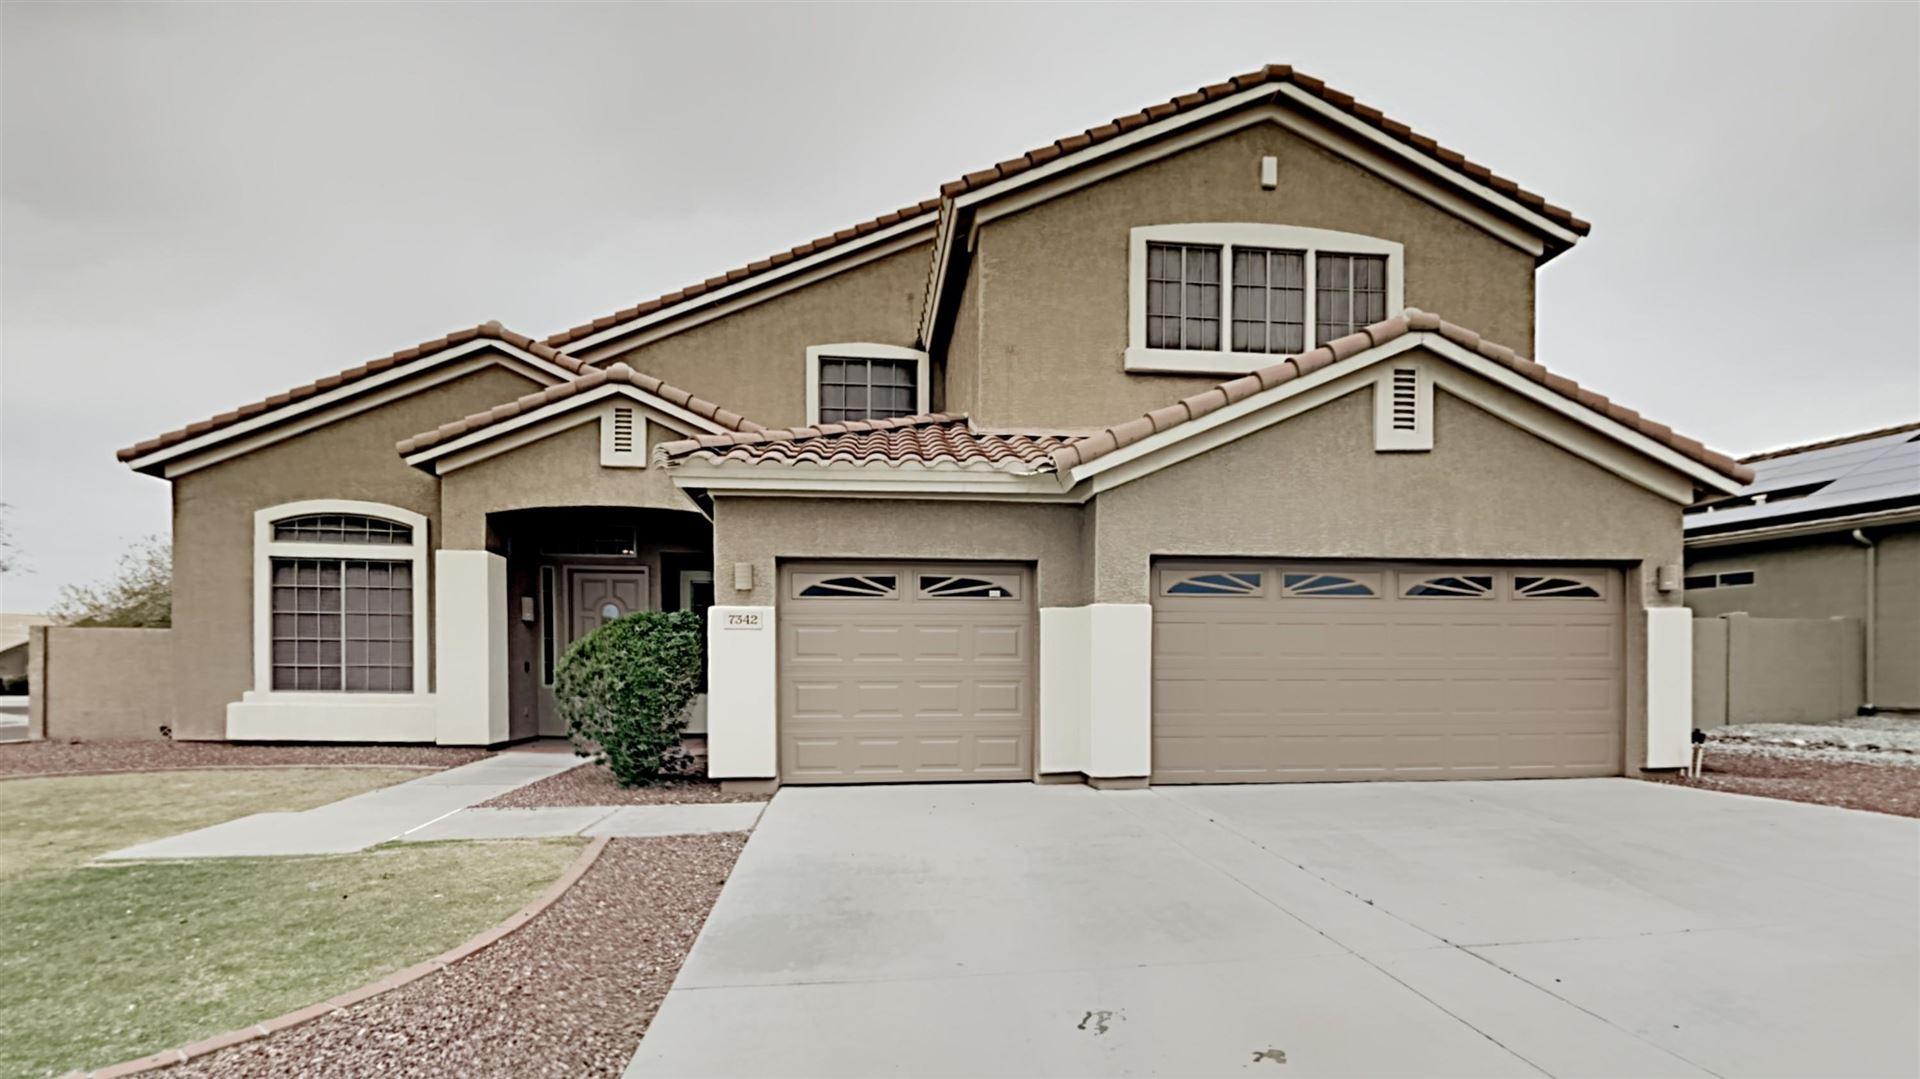 7342 W TETHER Trail, Peoria, AZ 85383 - #: 6213356